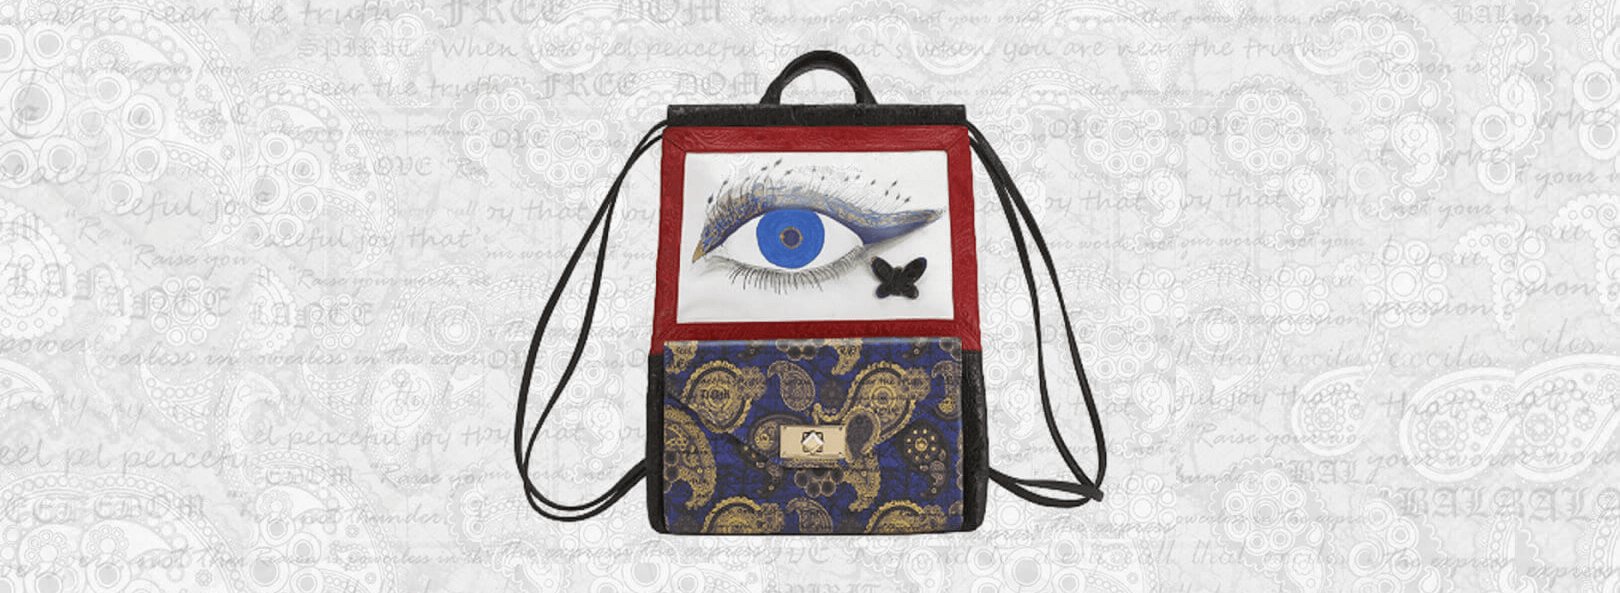 evil eye sac bag